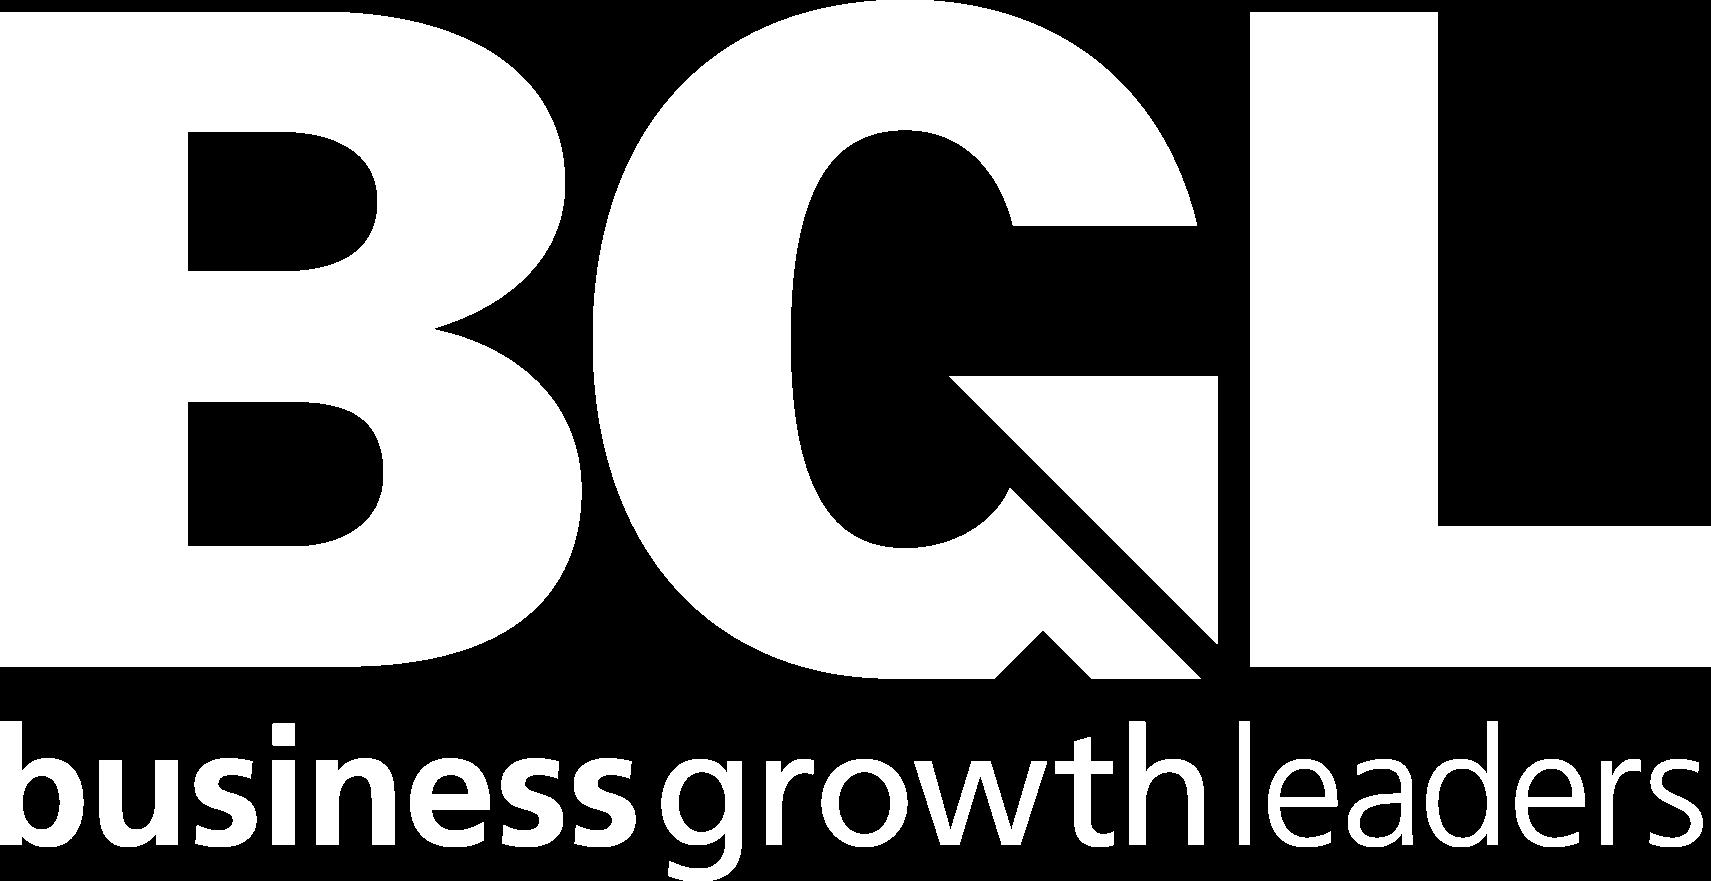 BGL-all-white